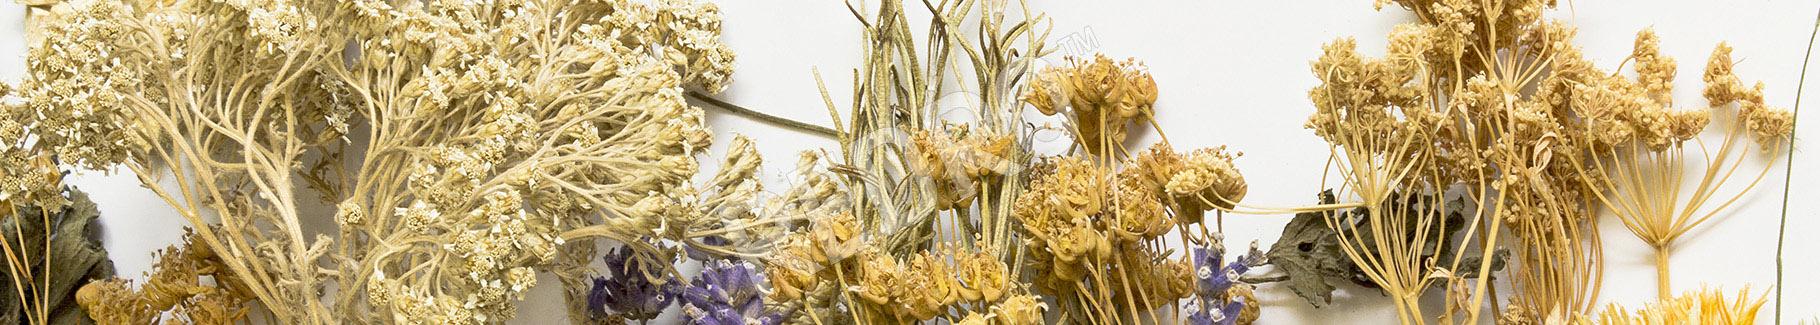 Obraz suszone zioła